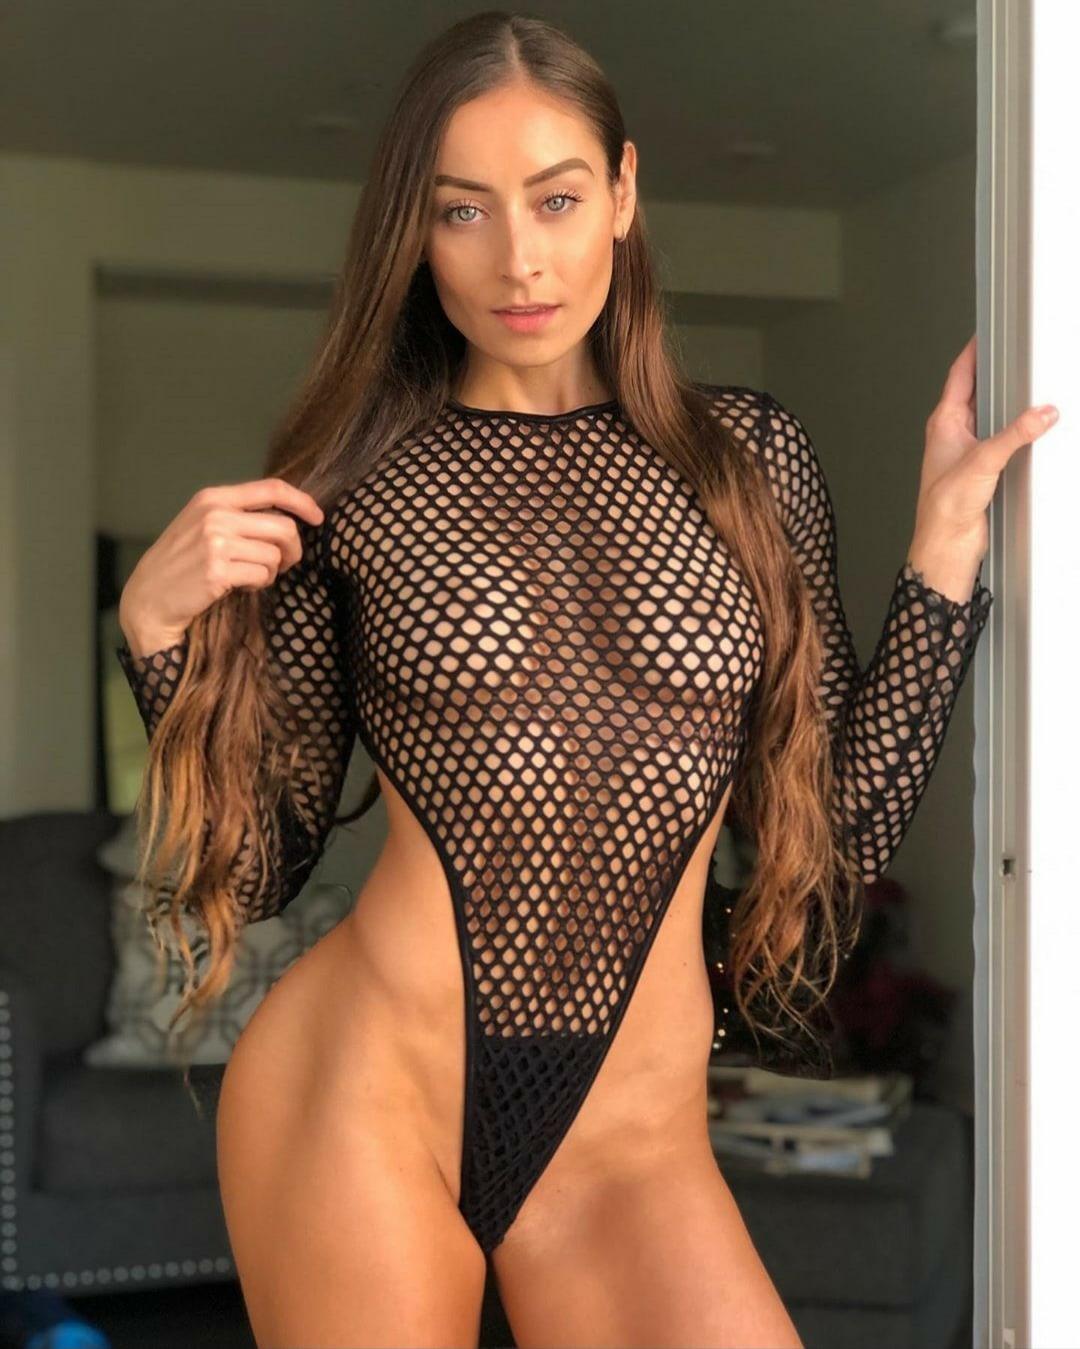 Жопастая спортсменка в прозрачной эротической сеточке (2 фото)